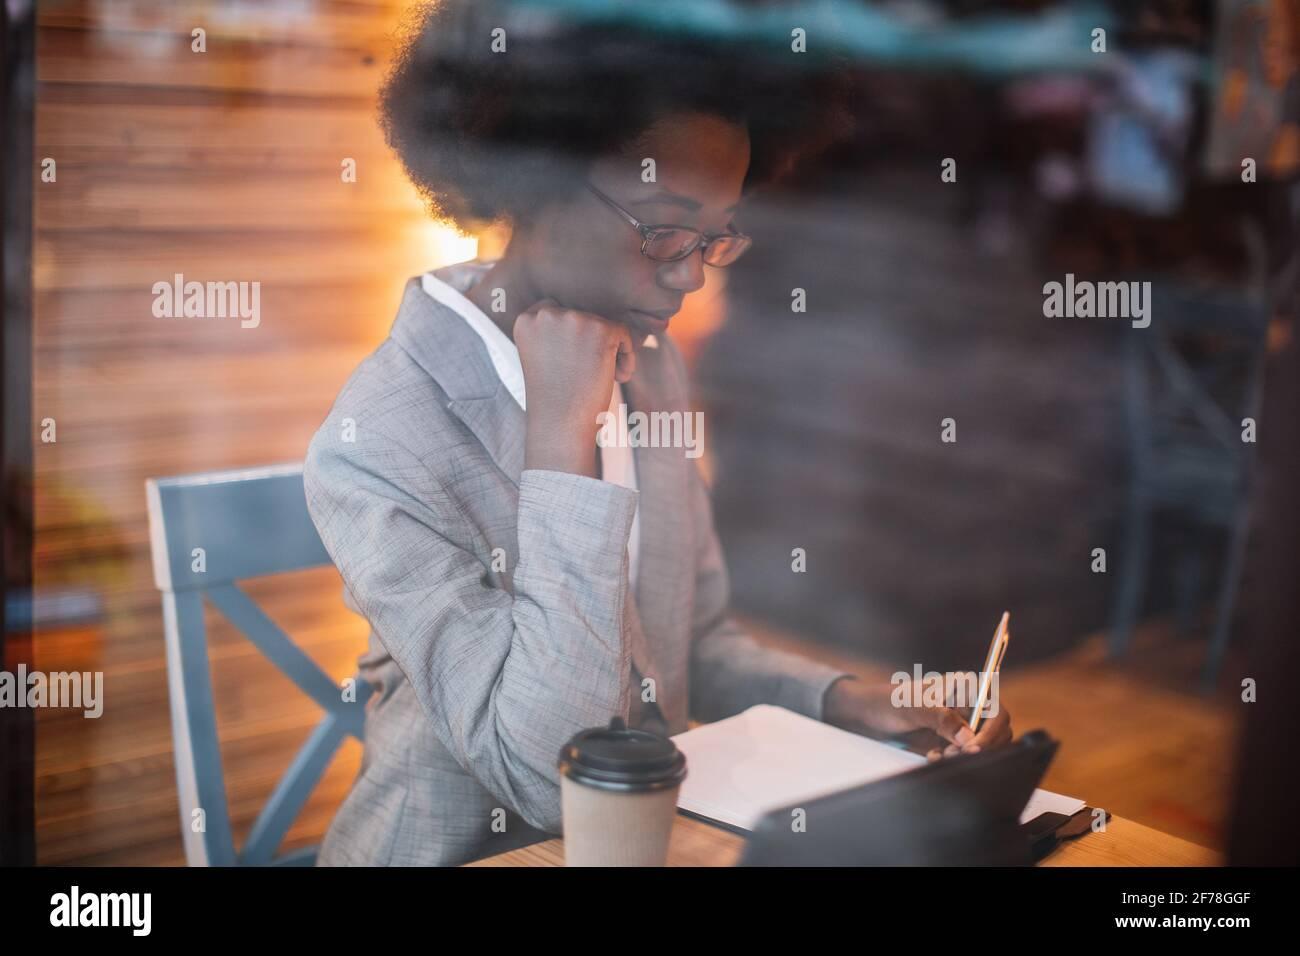 Jeune femme africaine concentrée en costume d'affaires écrivant des notes tout en étant assise à table de café avec une tablette numérique. Concept de travail à distance, personnel et technologie. Banque D'Images